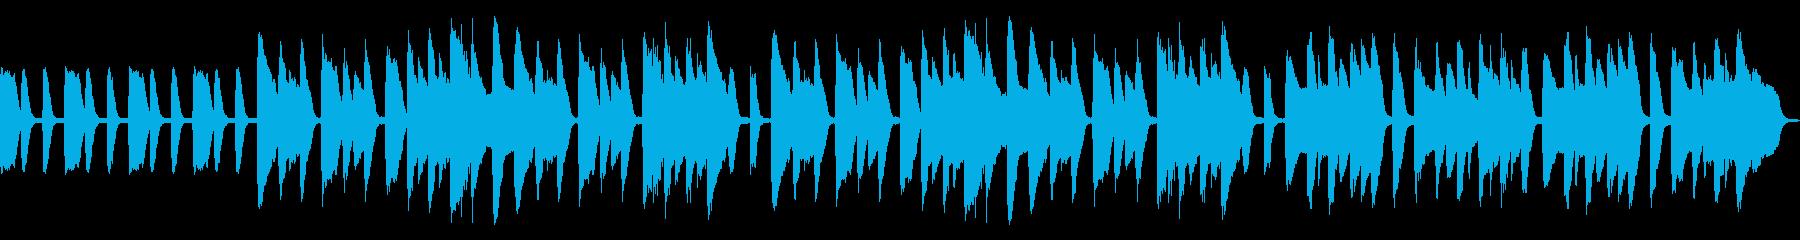 ピタゴラスイッチ風かわいいピアノBGMの再生済みの波形